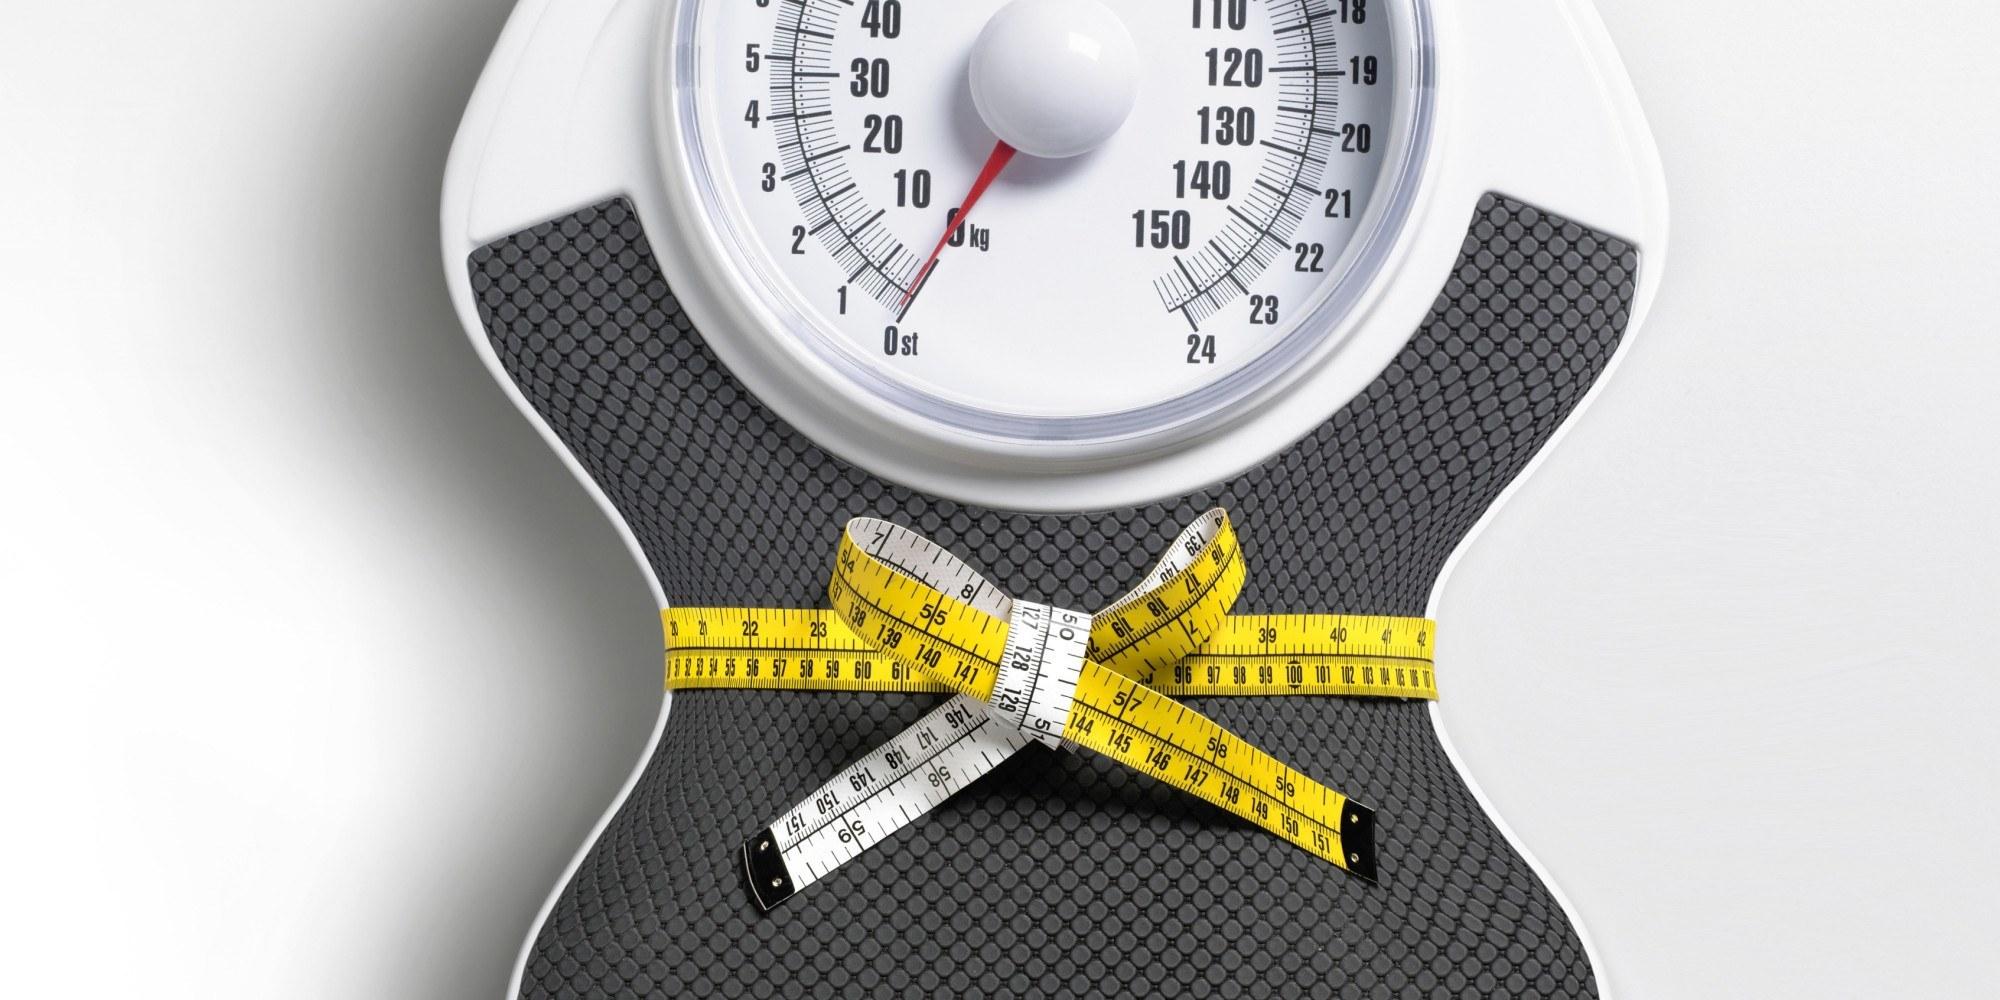 performance sst perte de poids je suis coincé et je ne peux plus perdre de poids